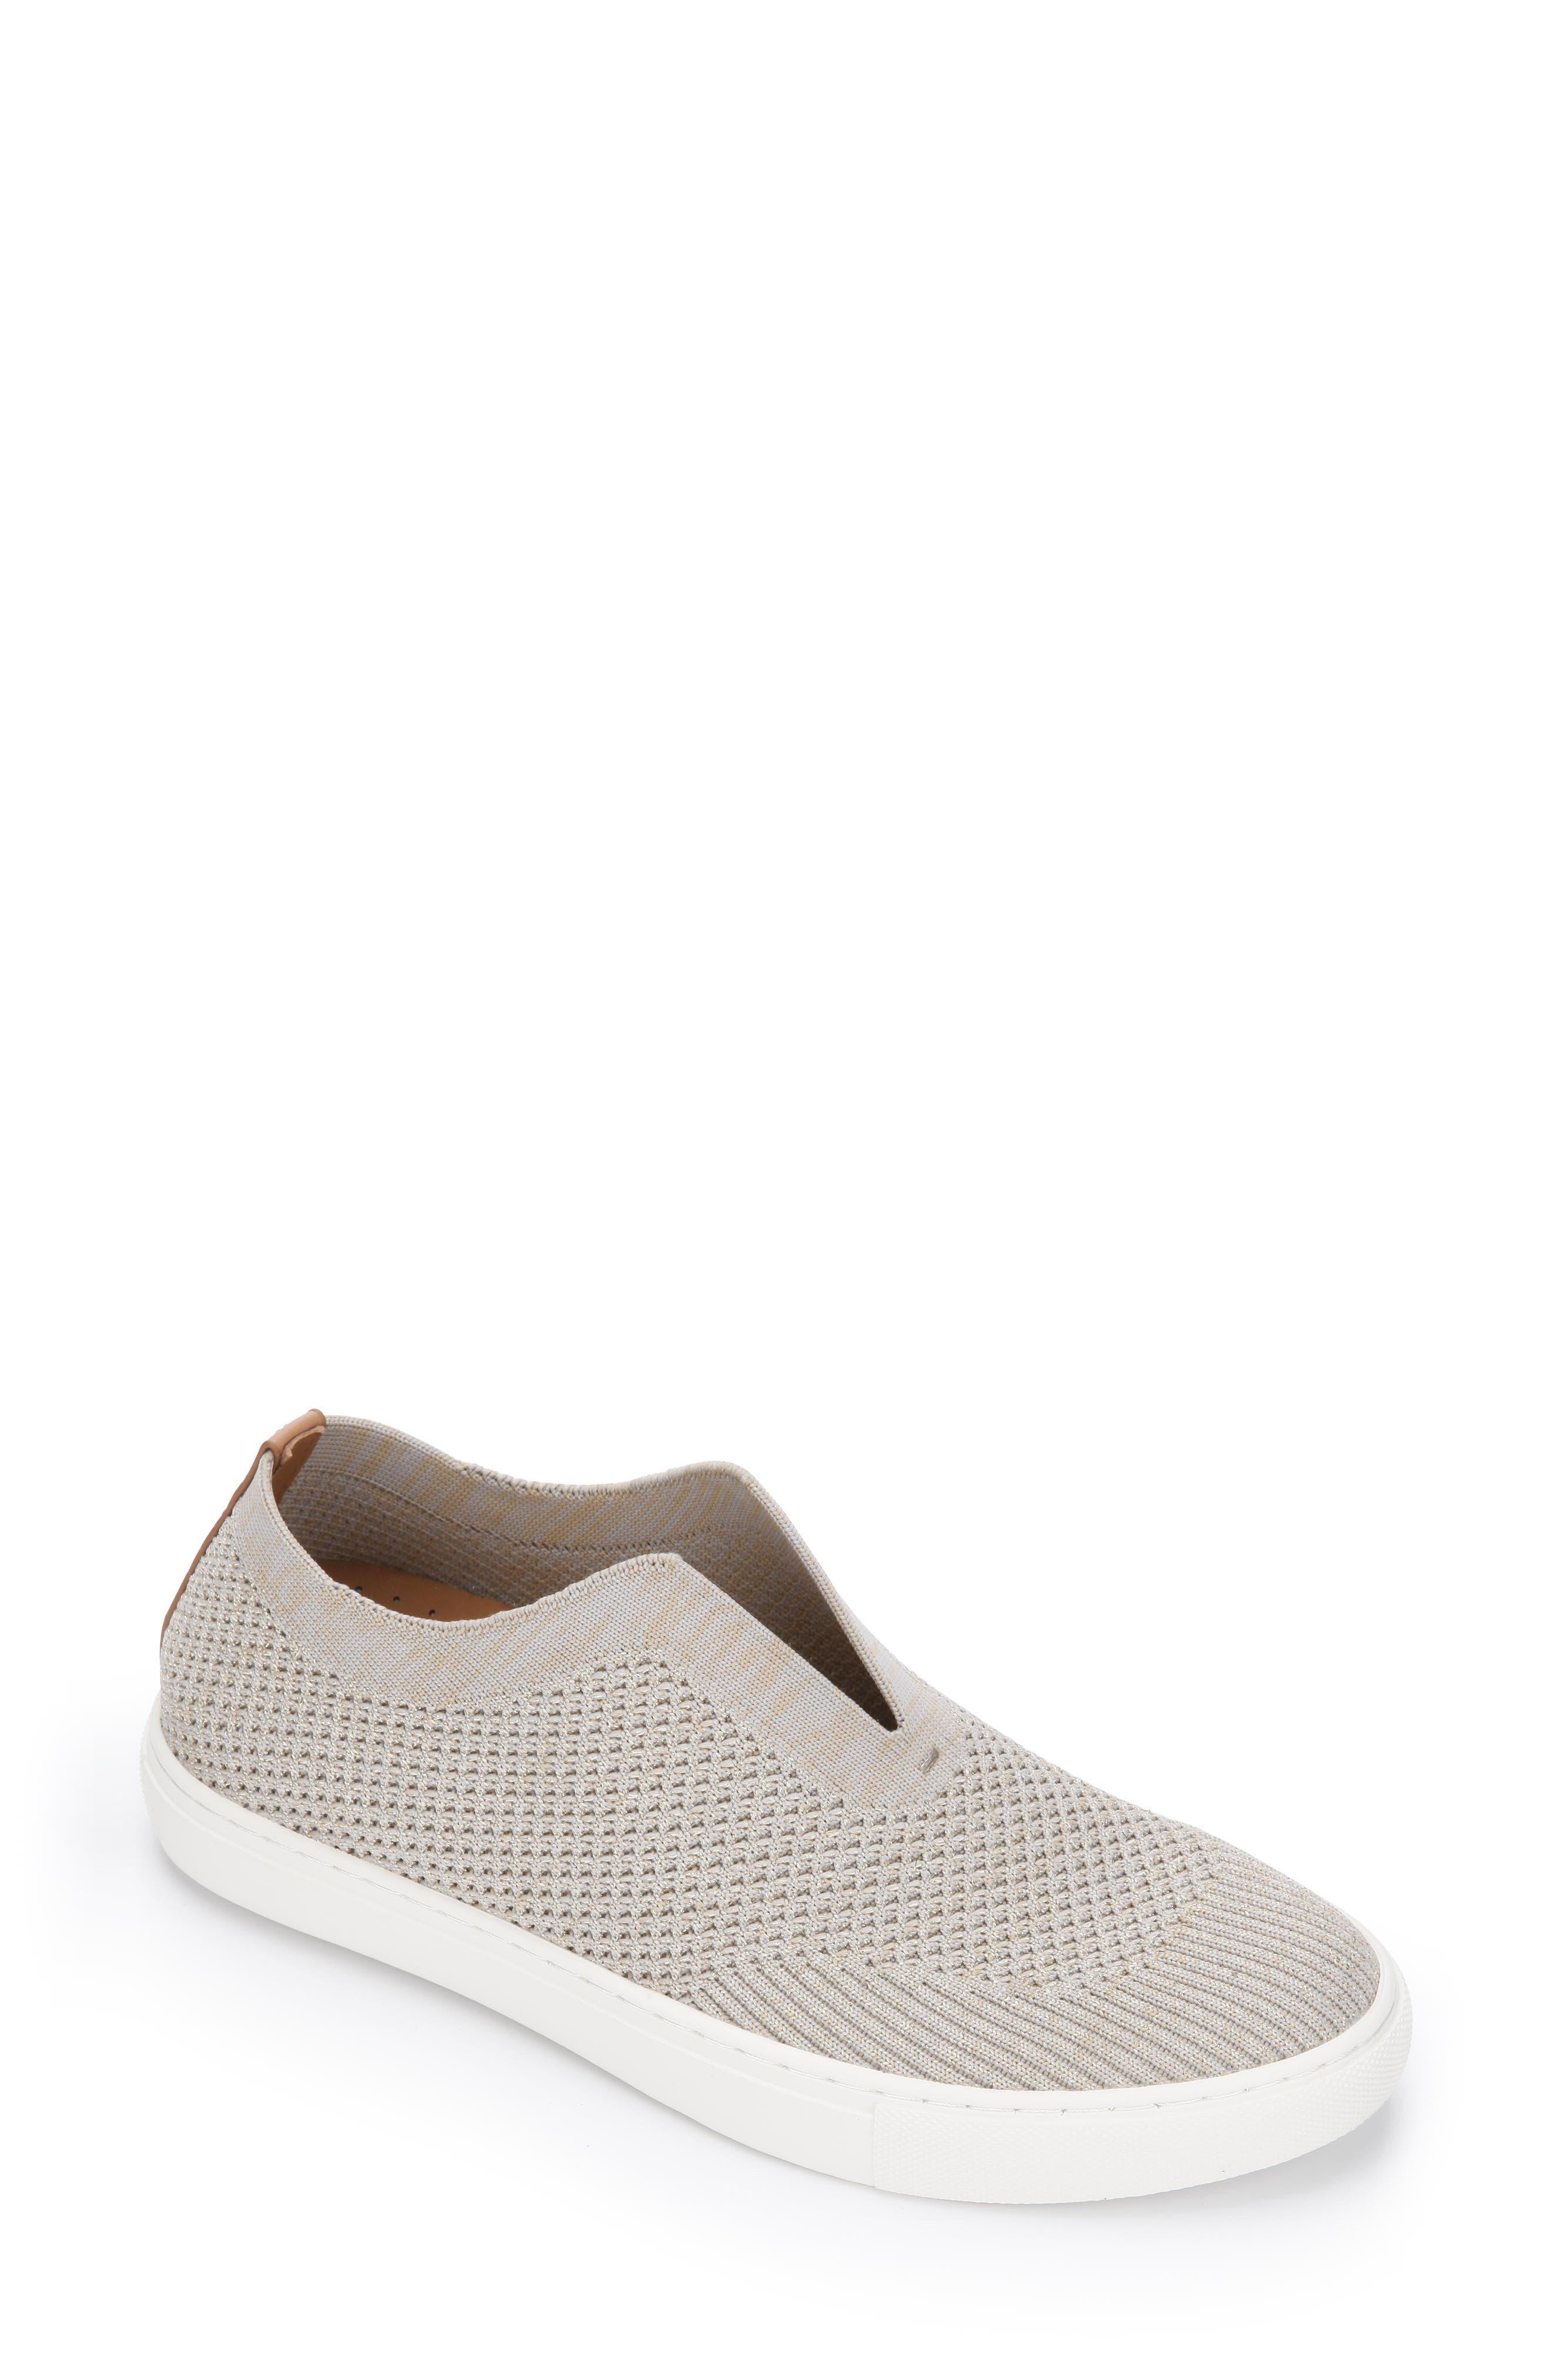 Rory Knit Slip-On Sneaker